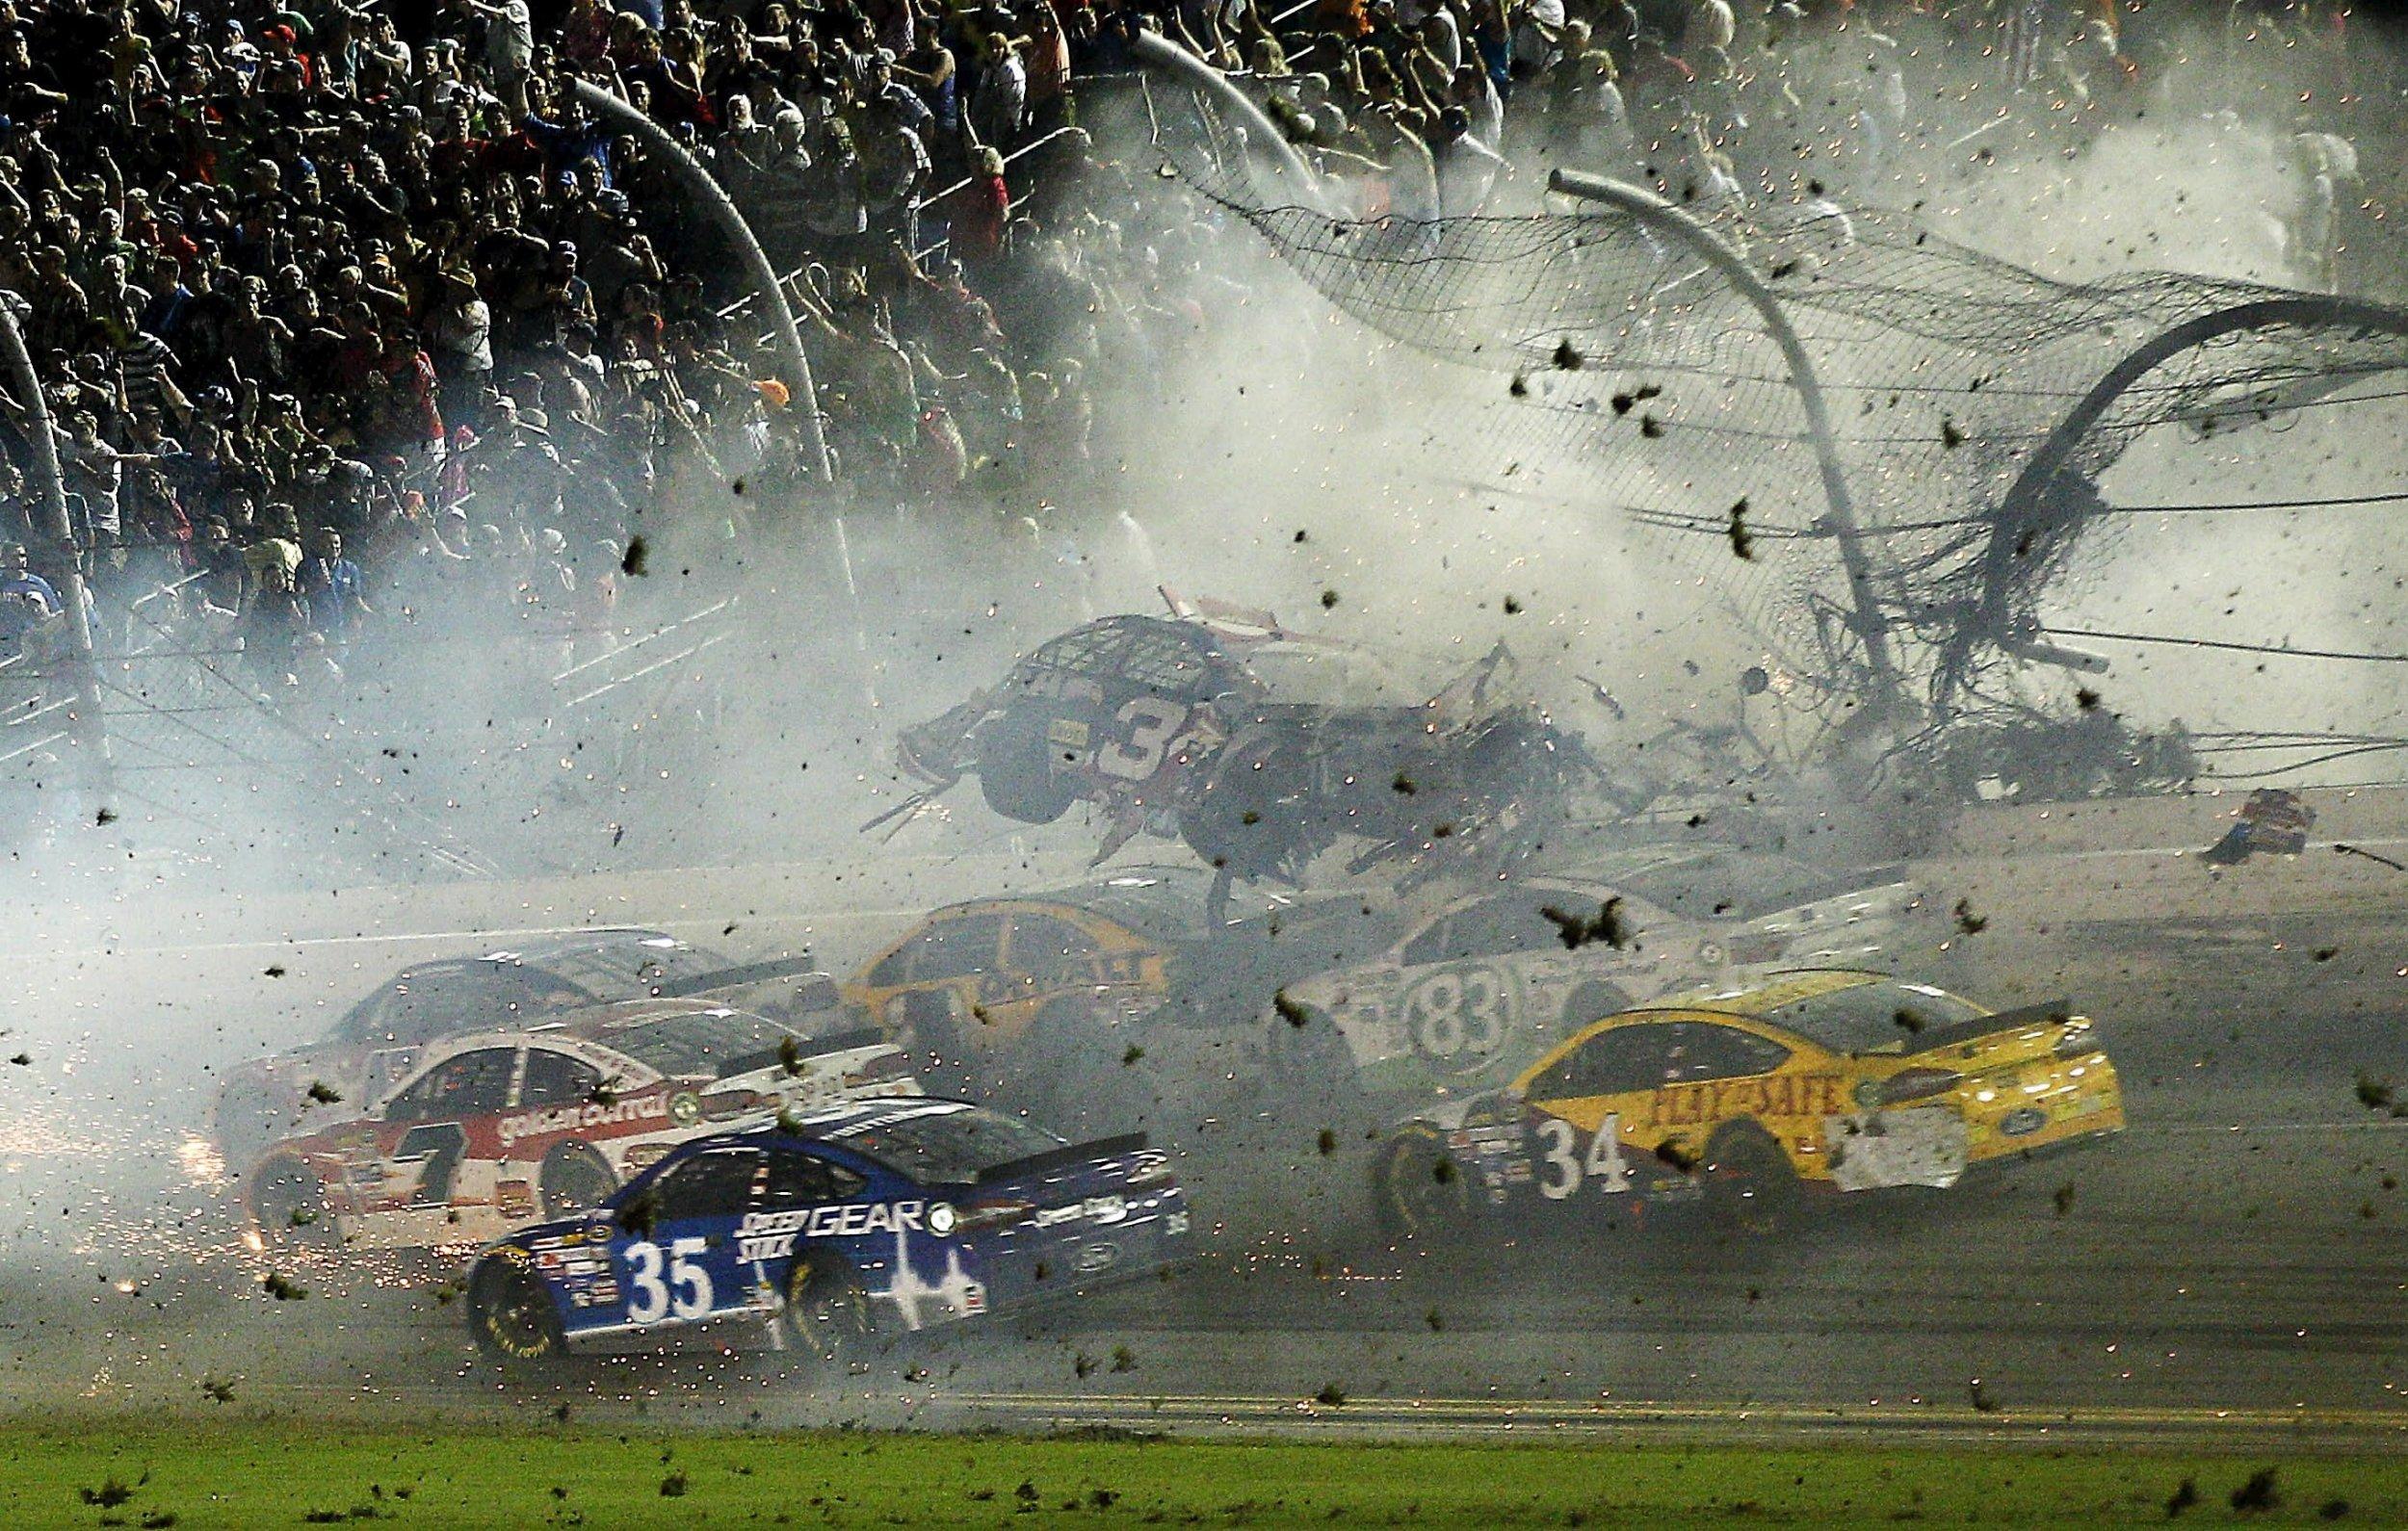 Dale Earnhardt Jr Car Wallpaper Nascar Crash Injures Fans